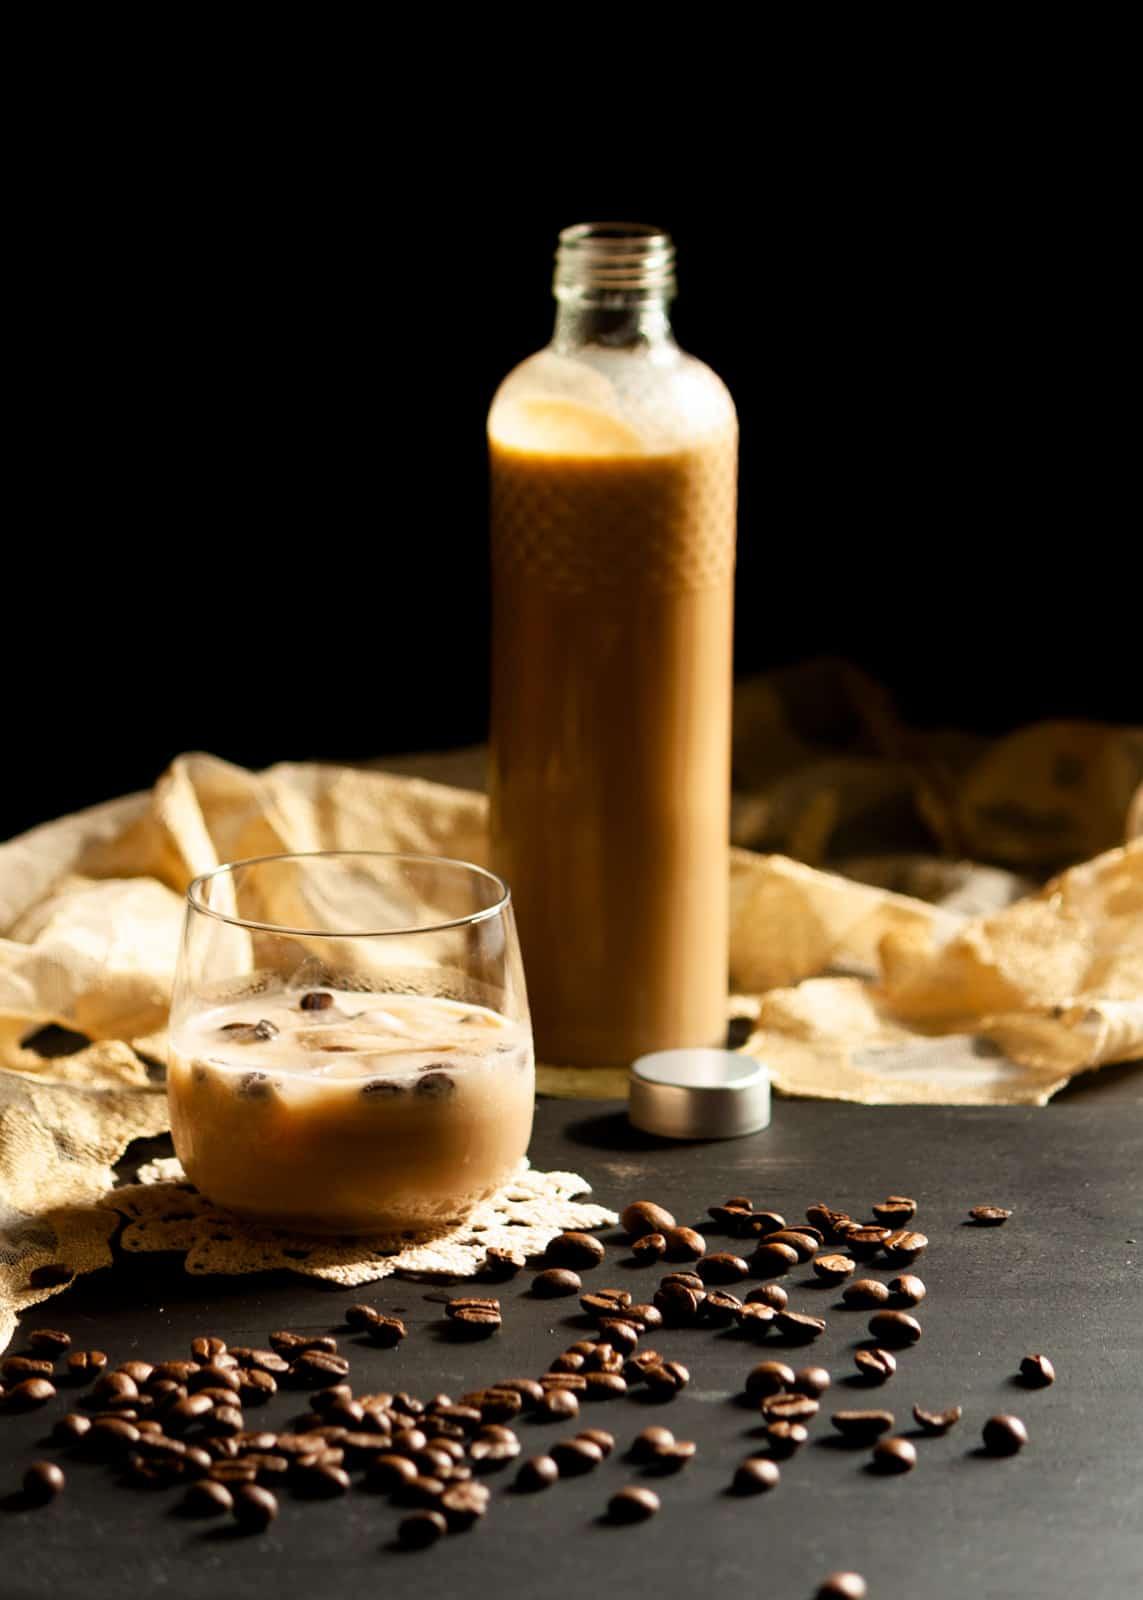 elisir alla crema di caffè